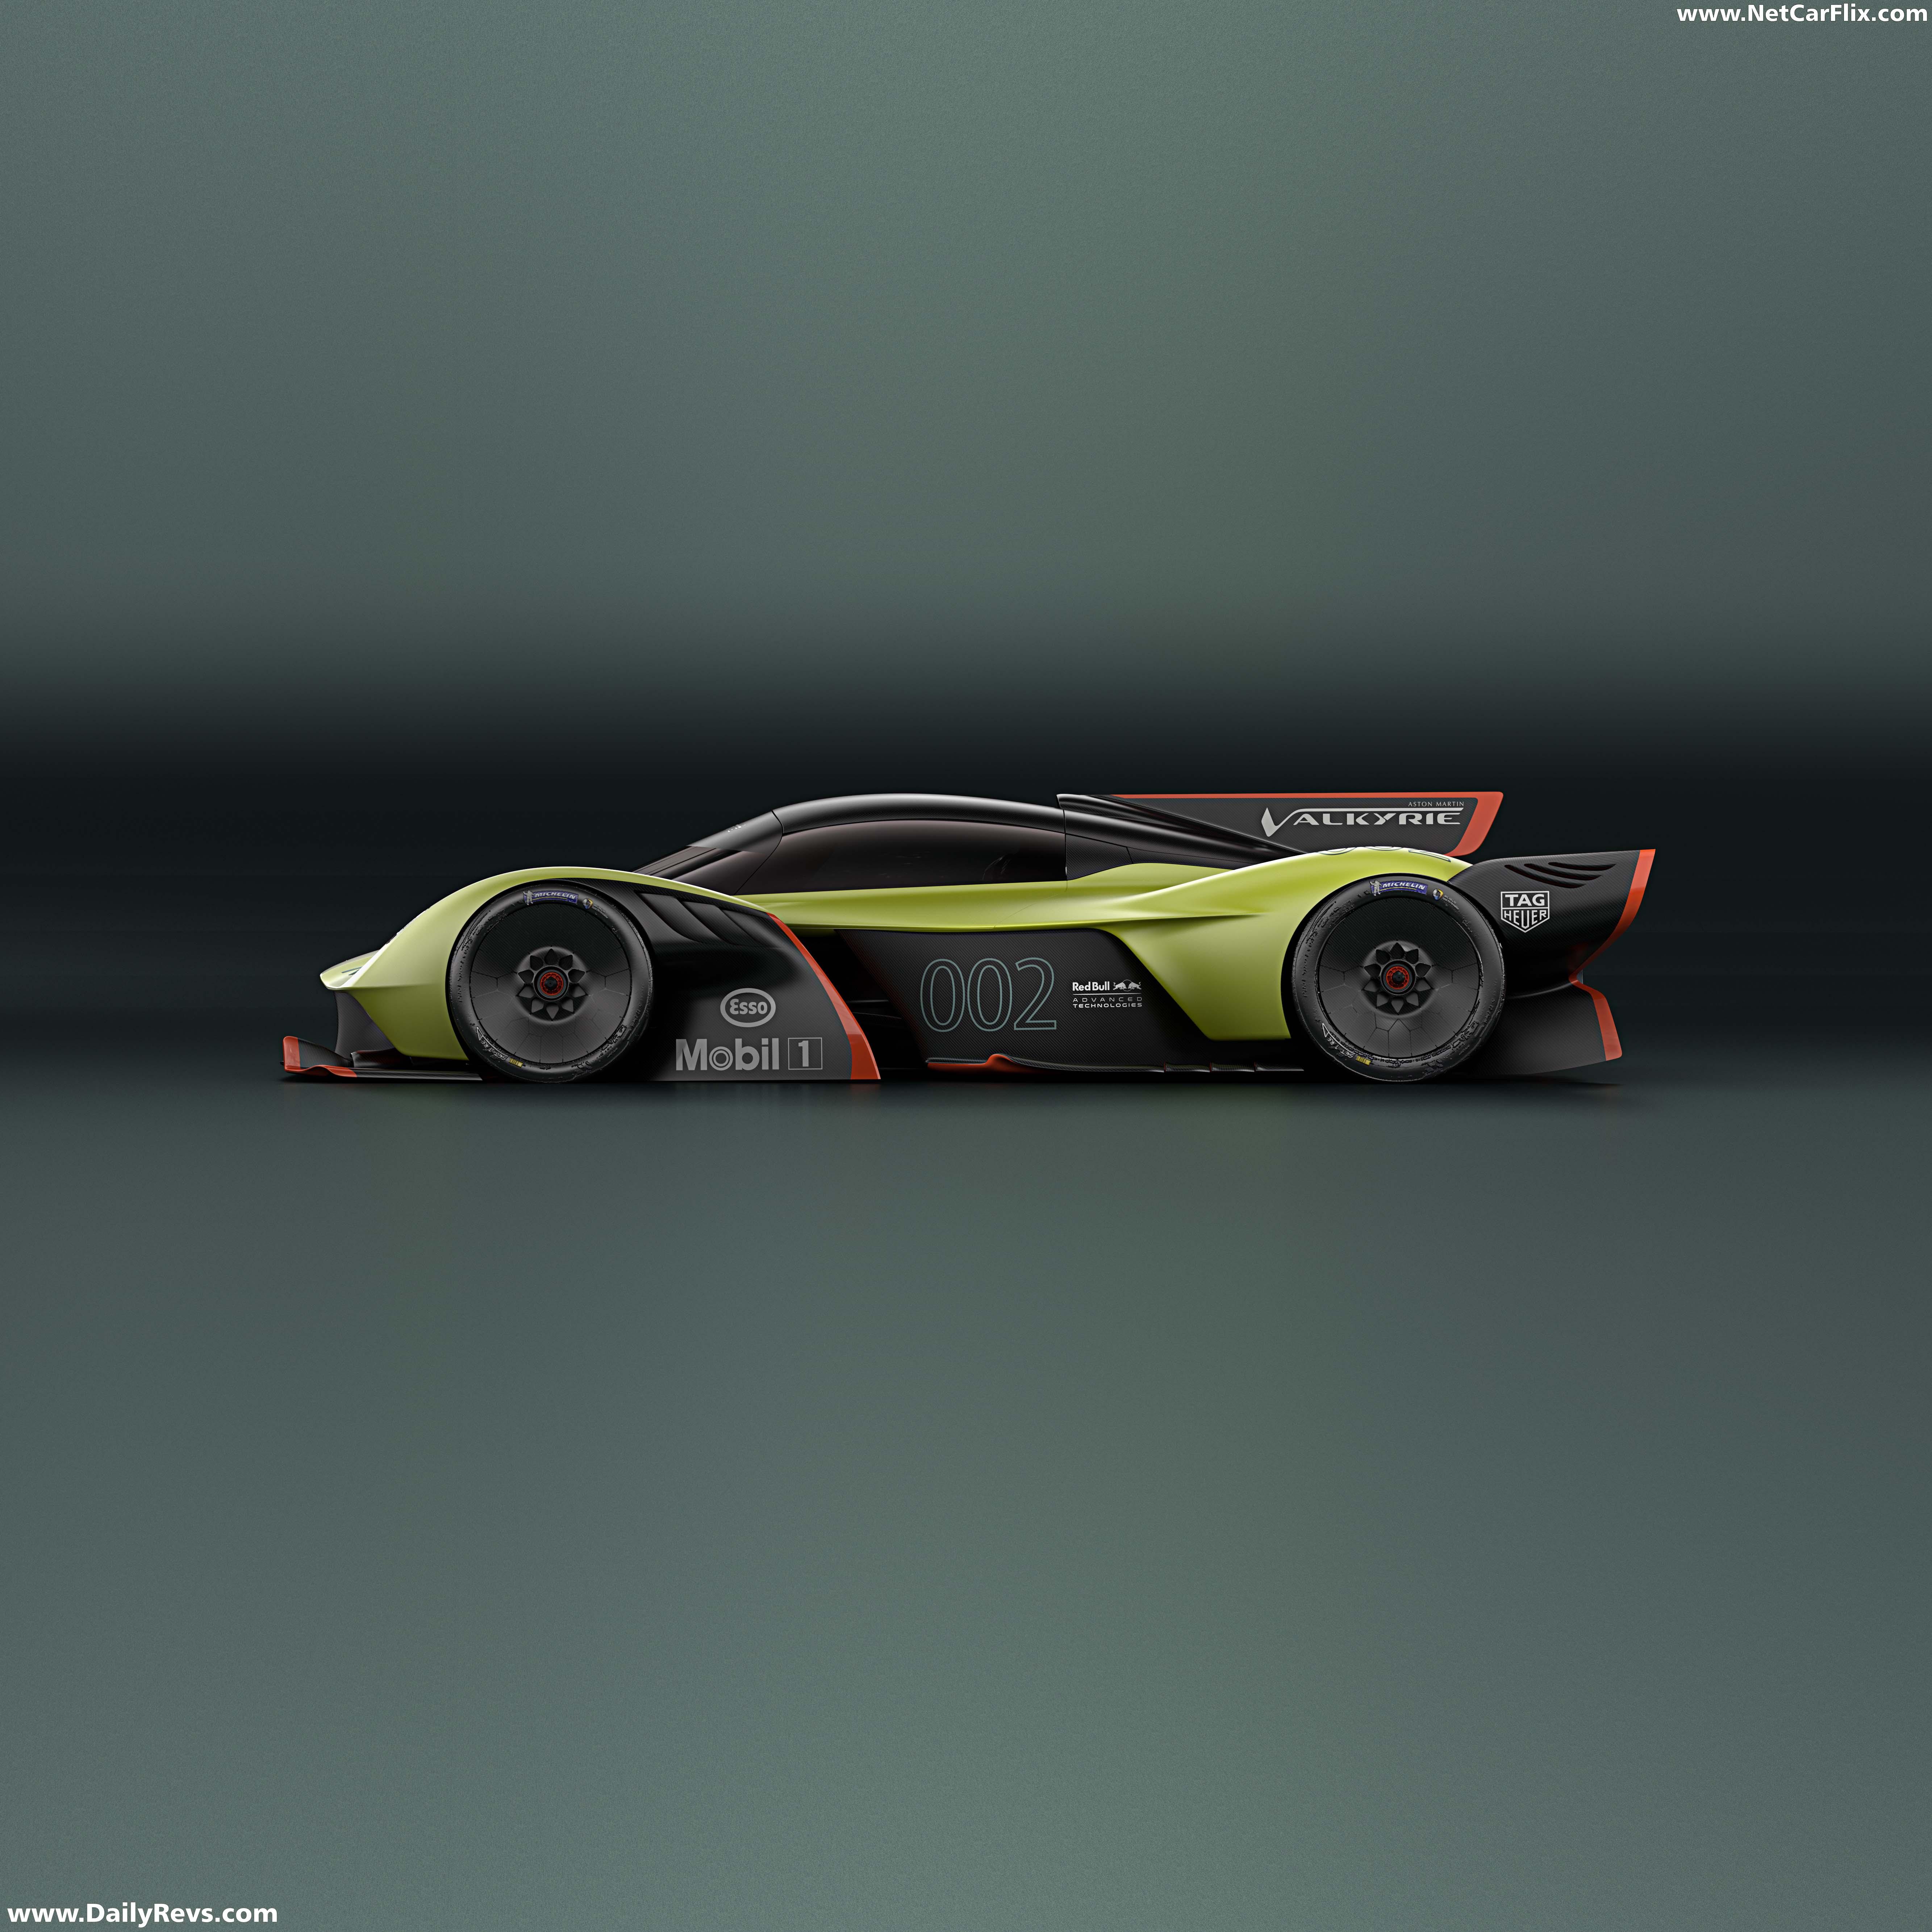 Aston Martin Valkyrie Sport: 2020 Aston Martin Valkyrie AMR Pro